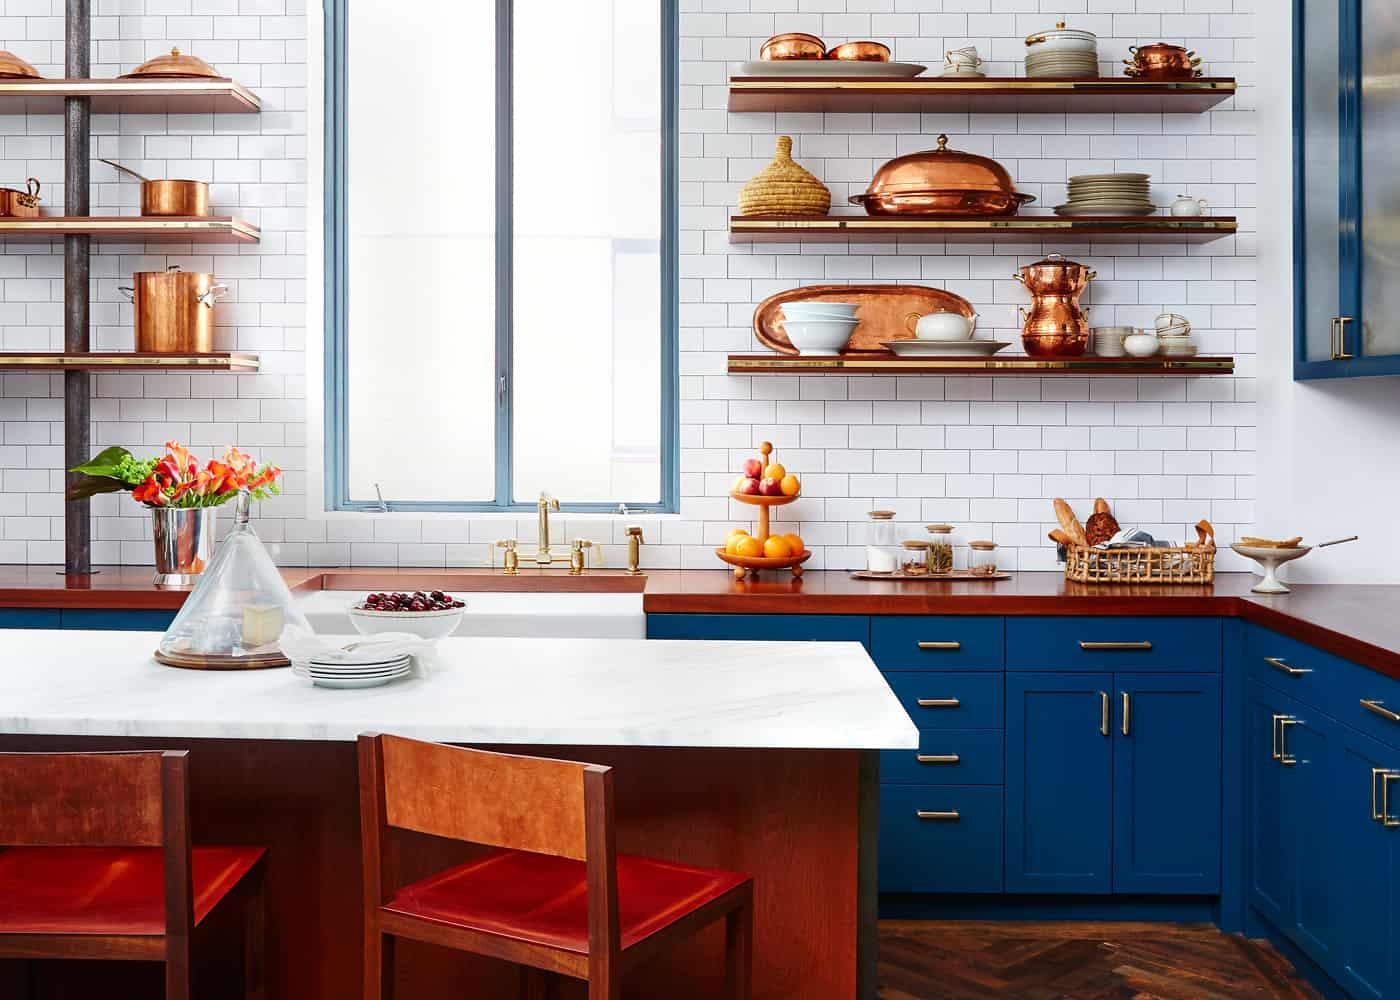 kitchen design trends 2018  centereddesign